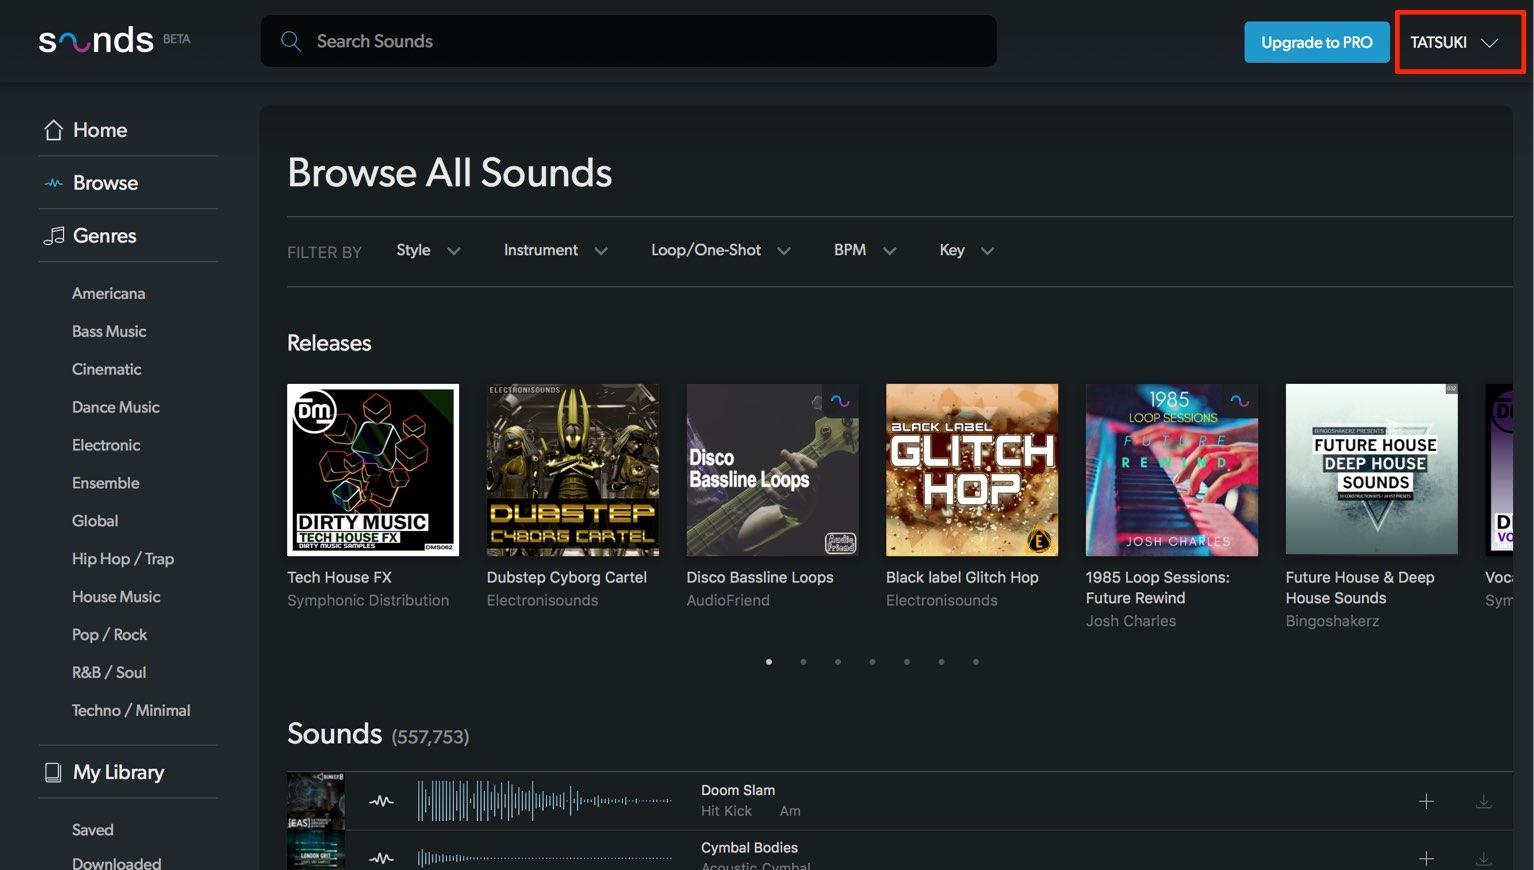 SOUNDS | Sounds